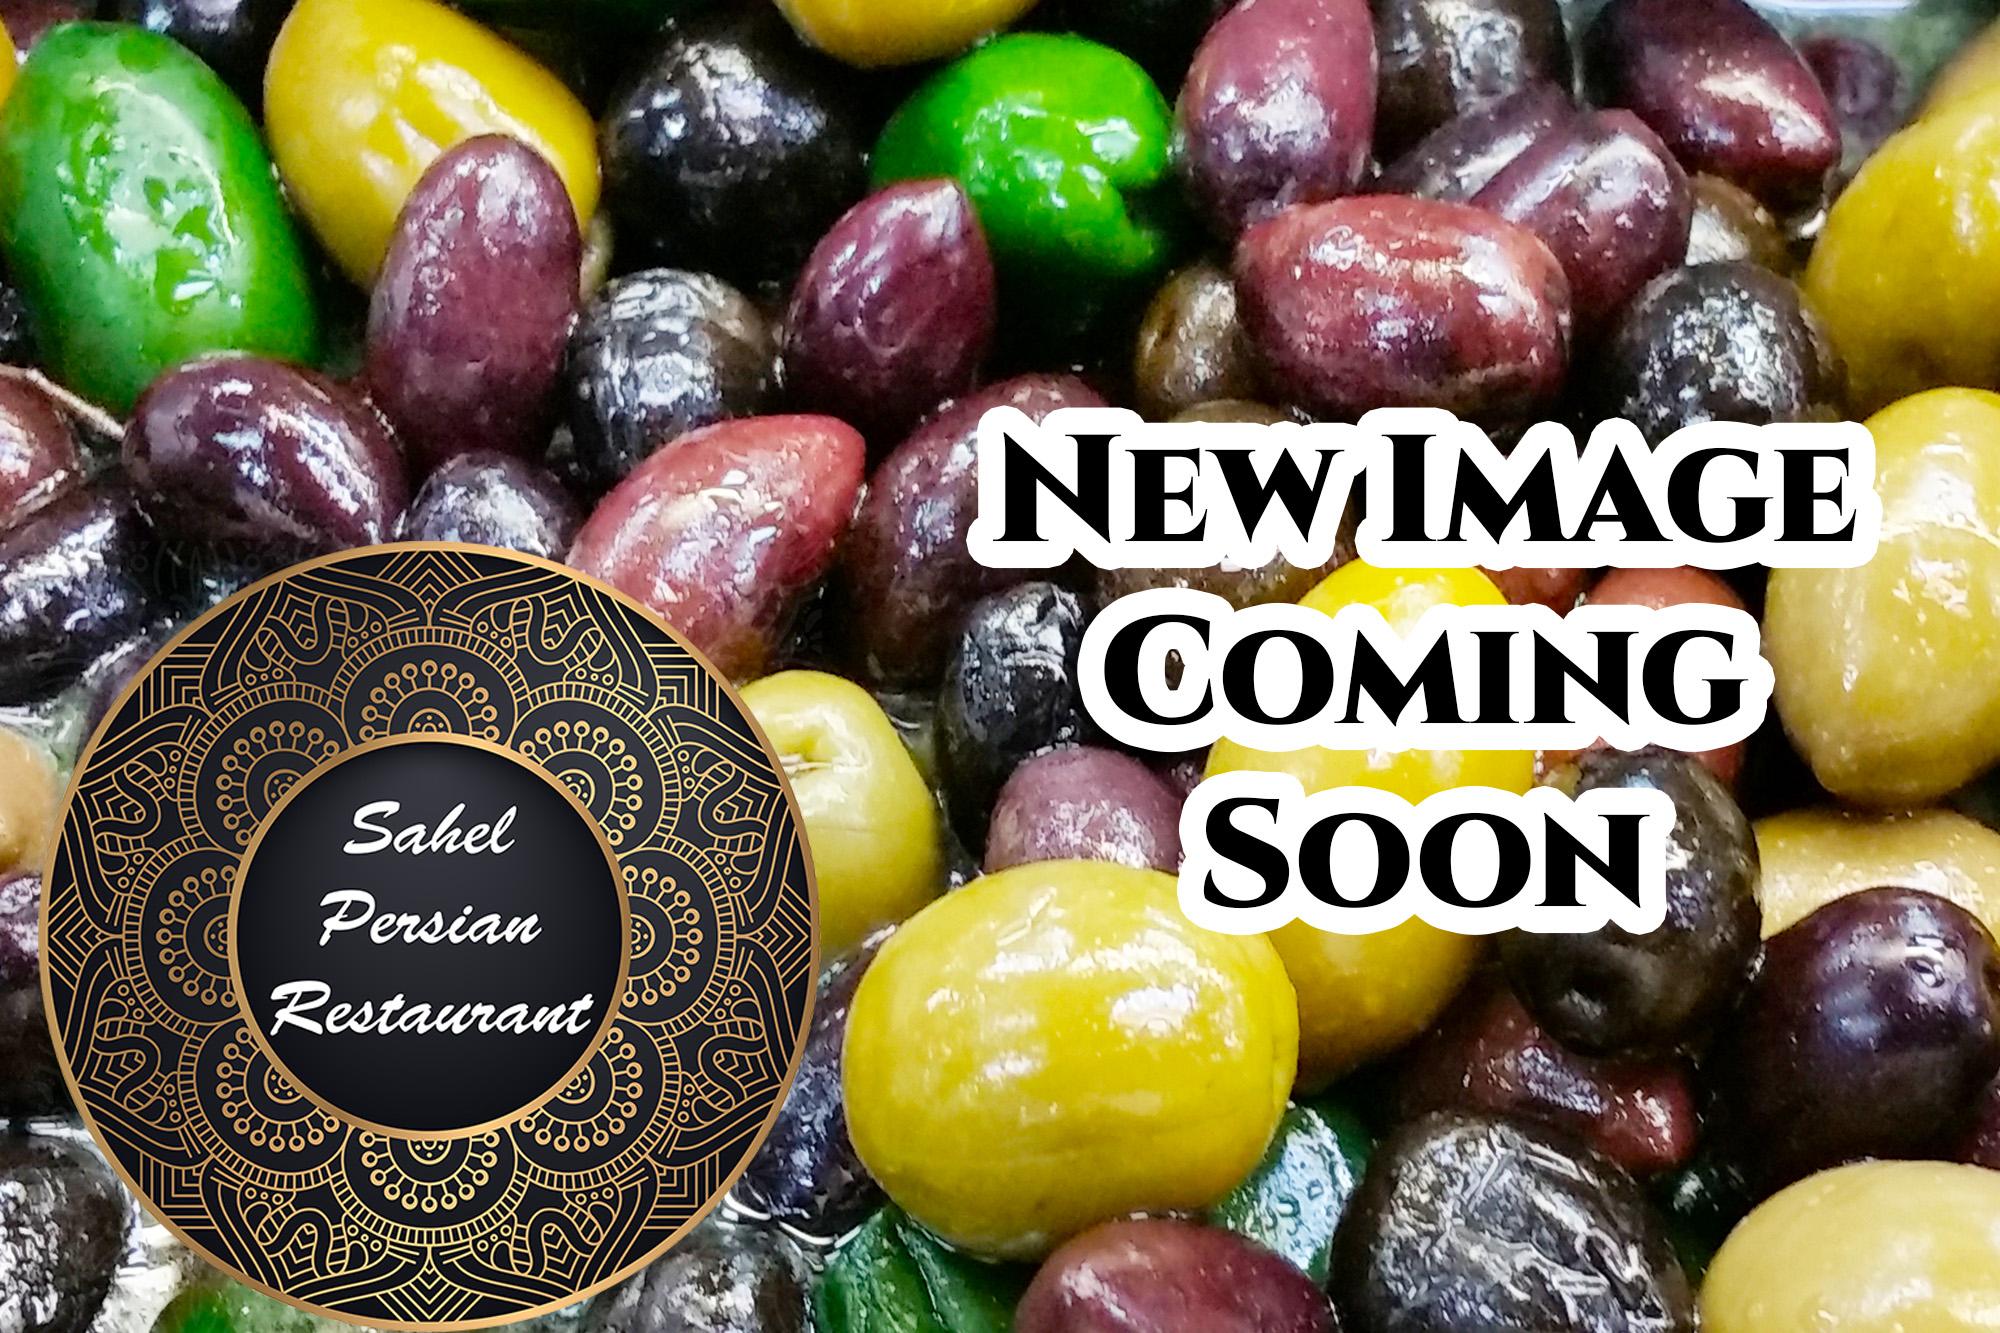 New Image Coming Soon at Sahel Persian Restaurant